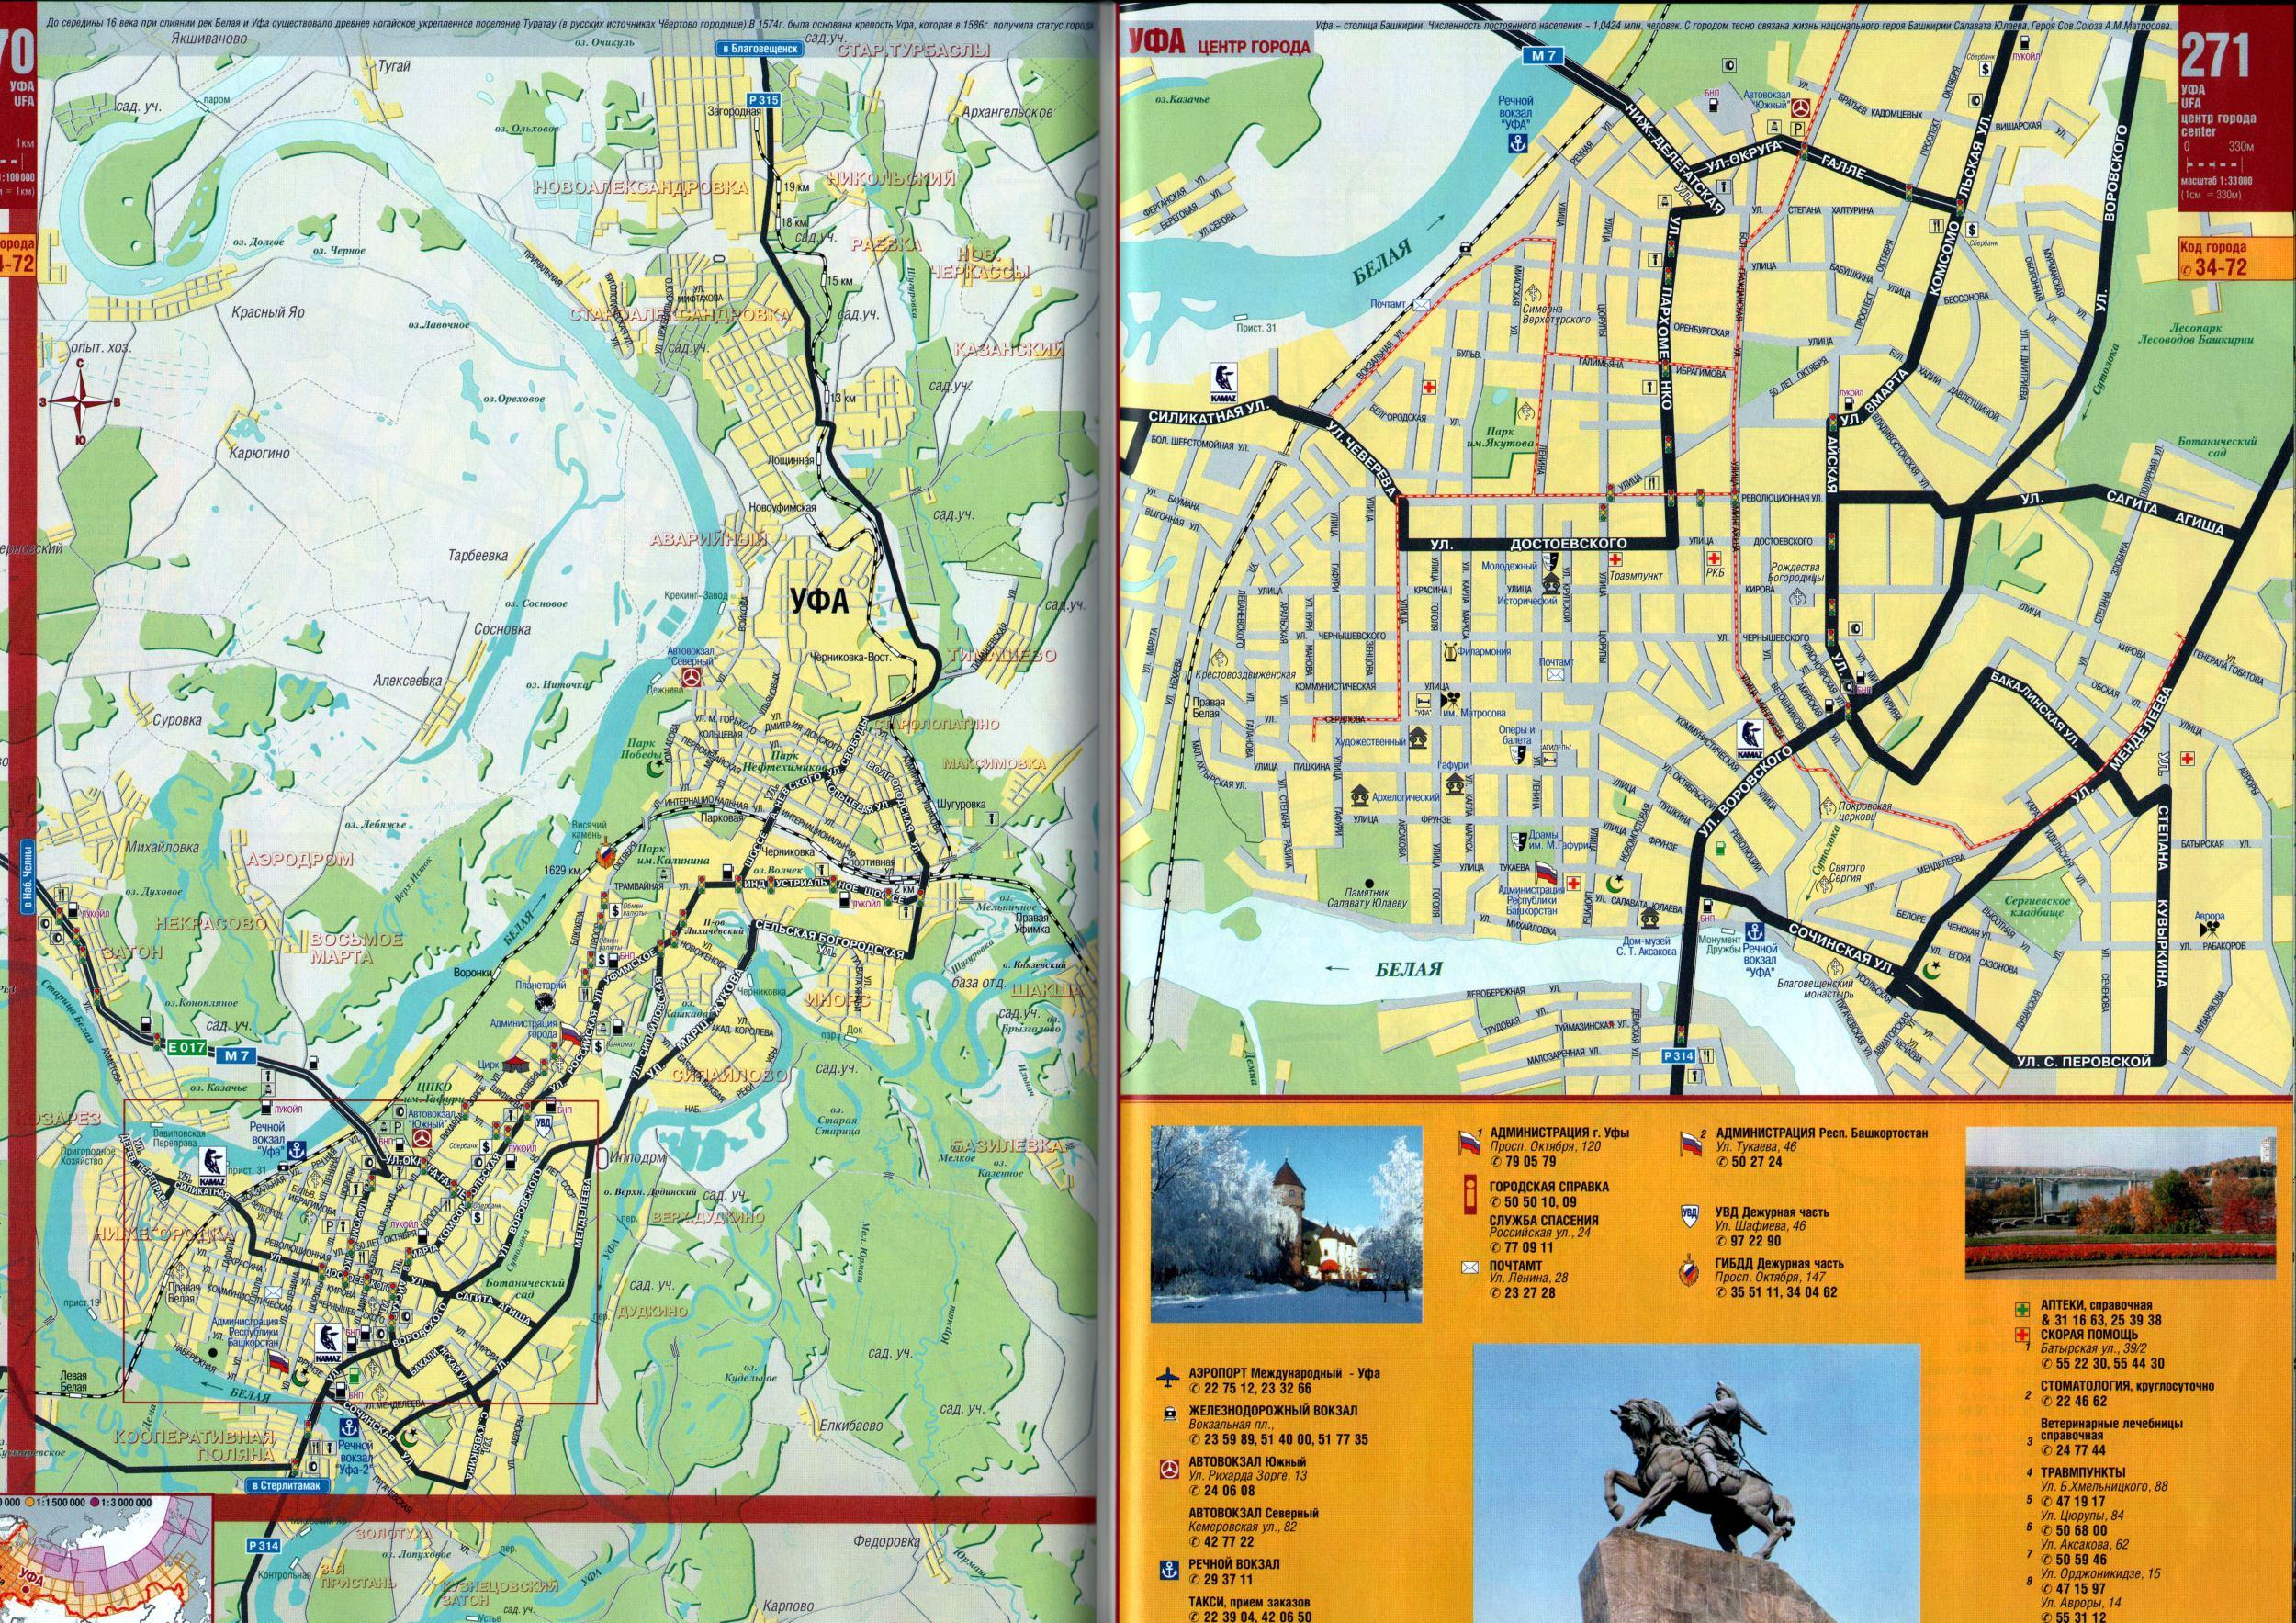 Комментарий: Карта схема города Уфа с названиями улиц Автор: Клим.